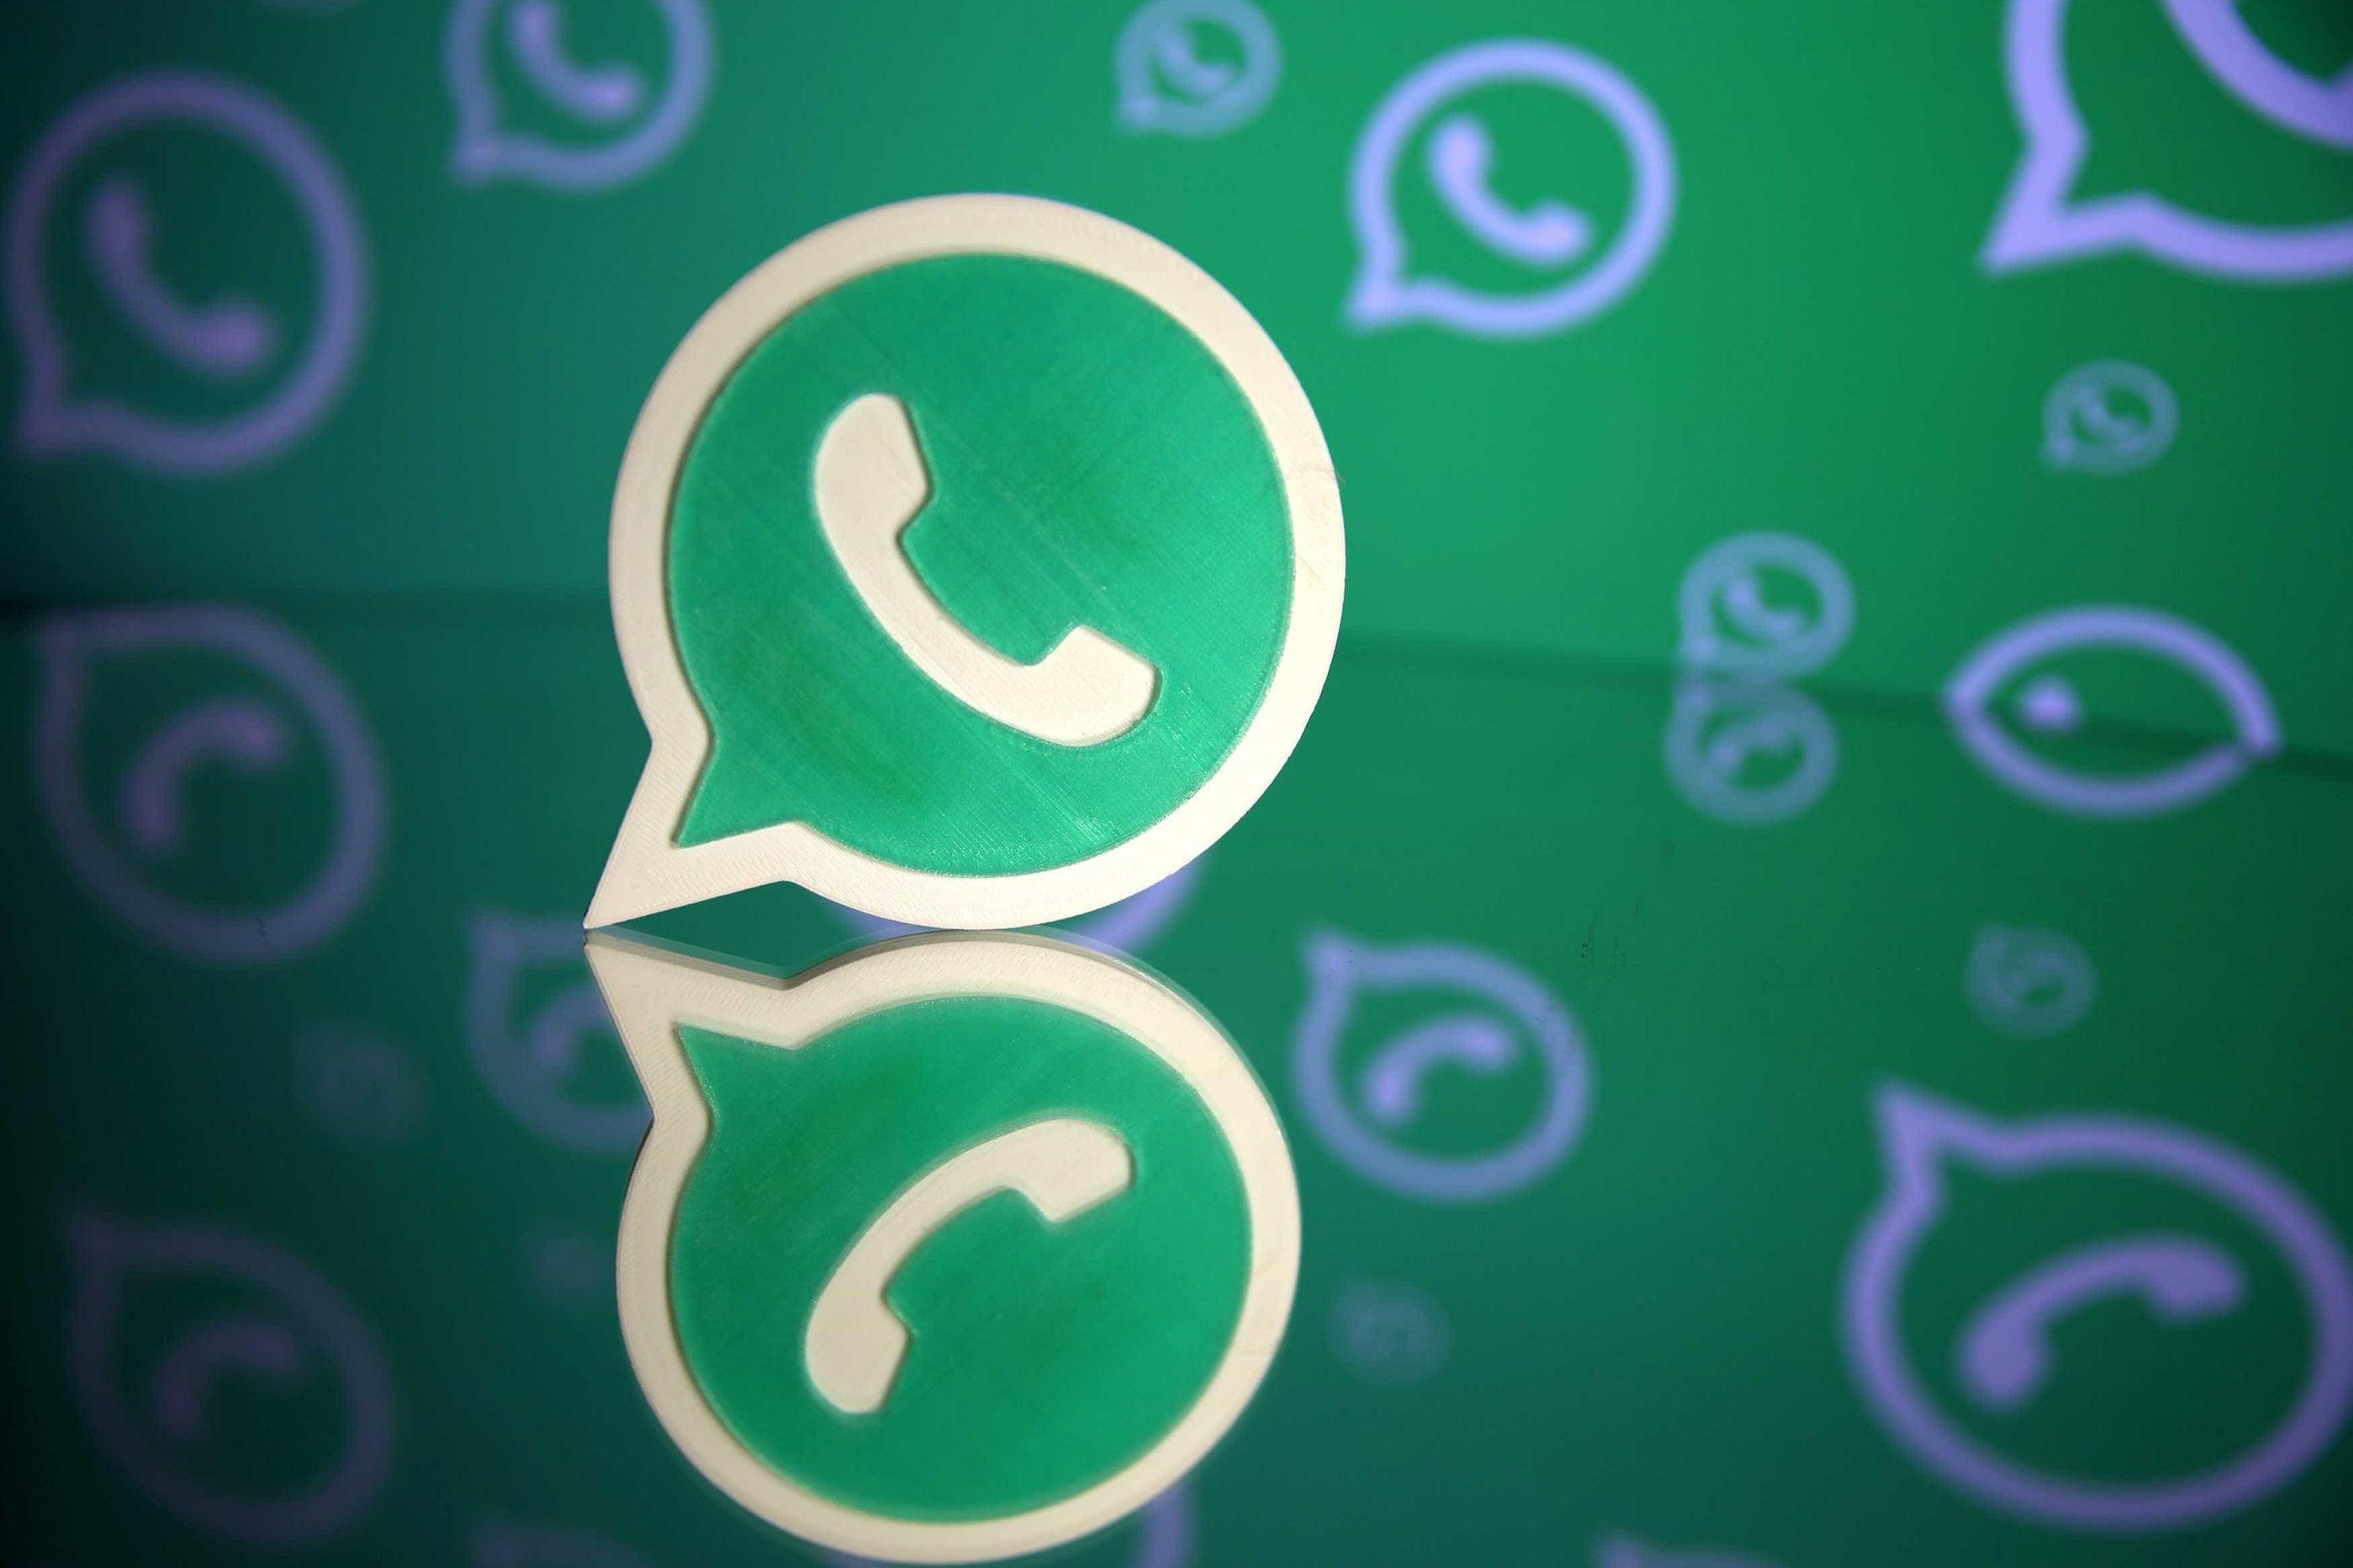 Será mais difícil ser enganado pelo WhatsApp